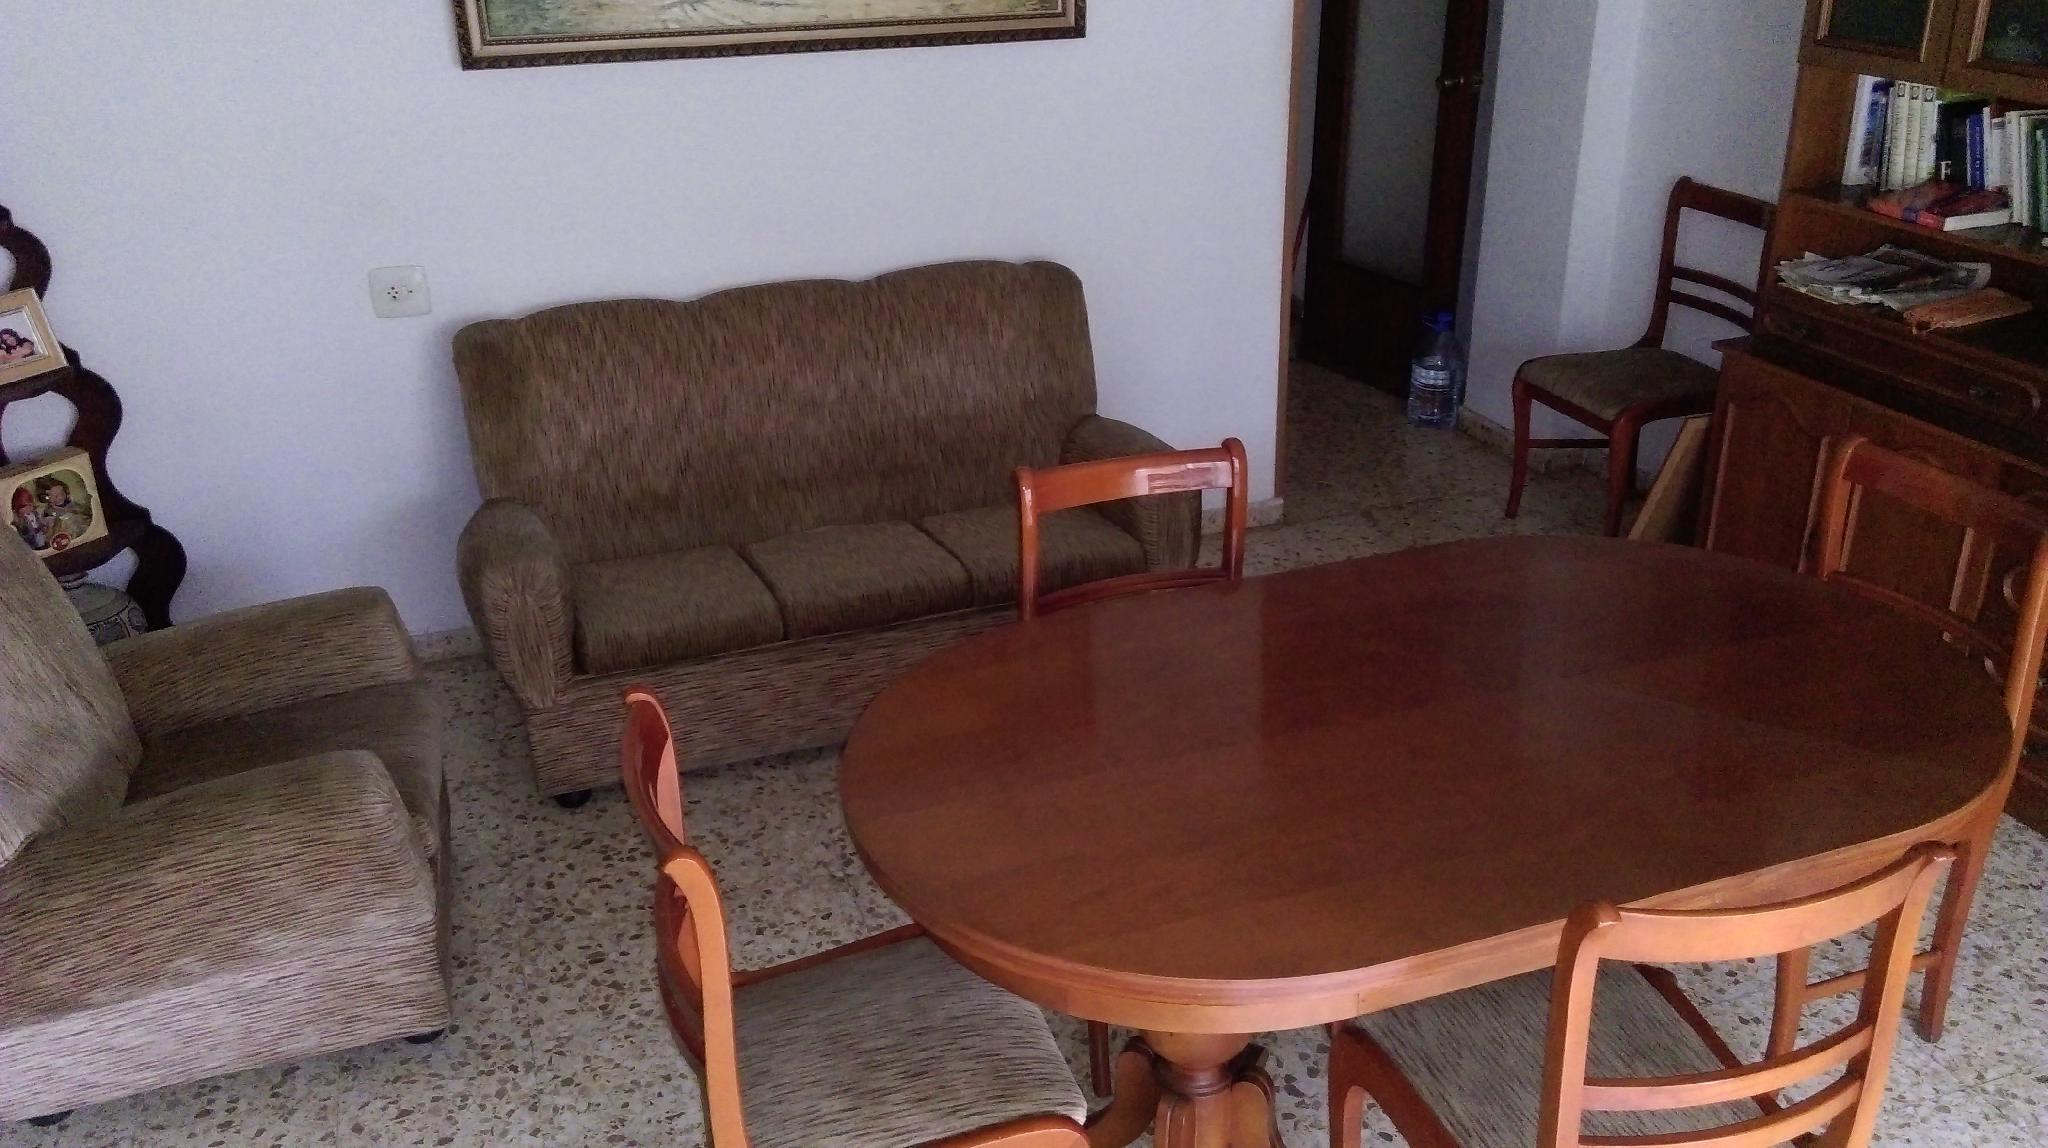 158083 - Zona San Marcelino